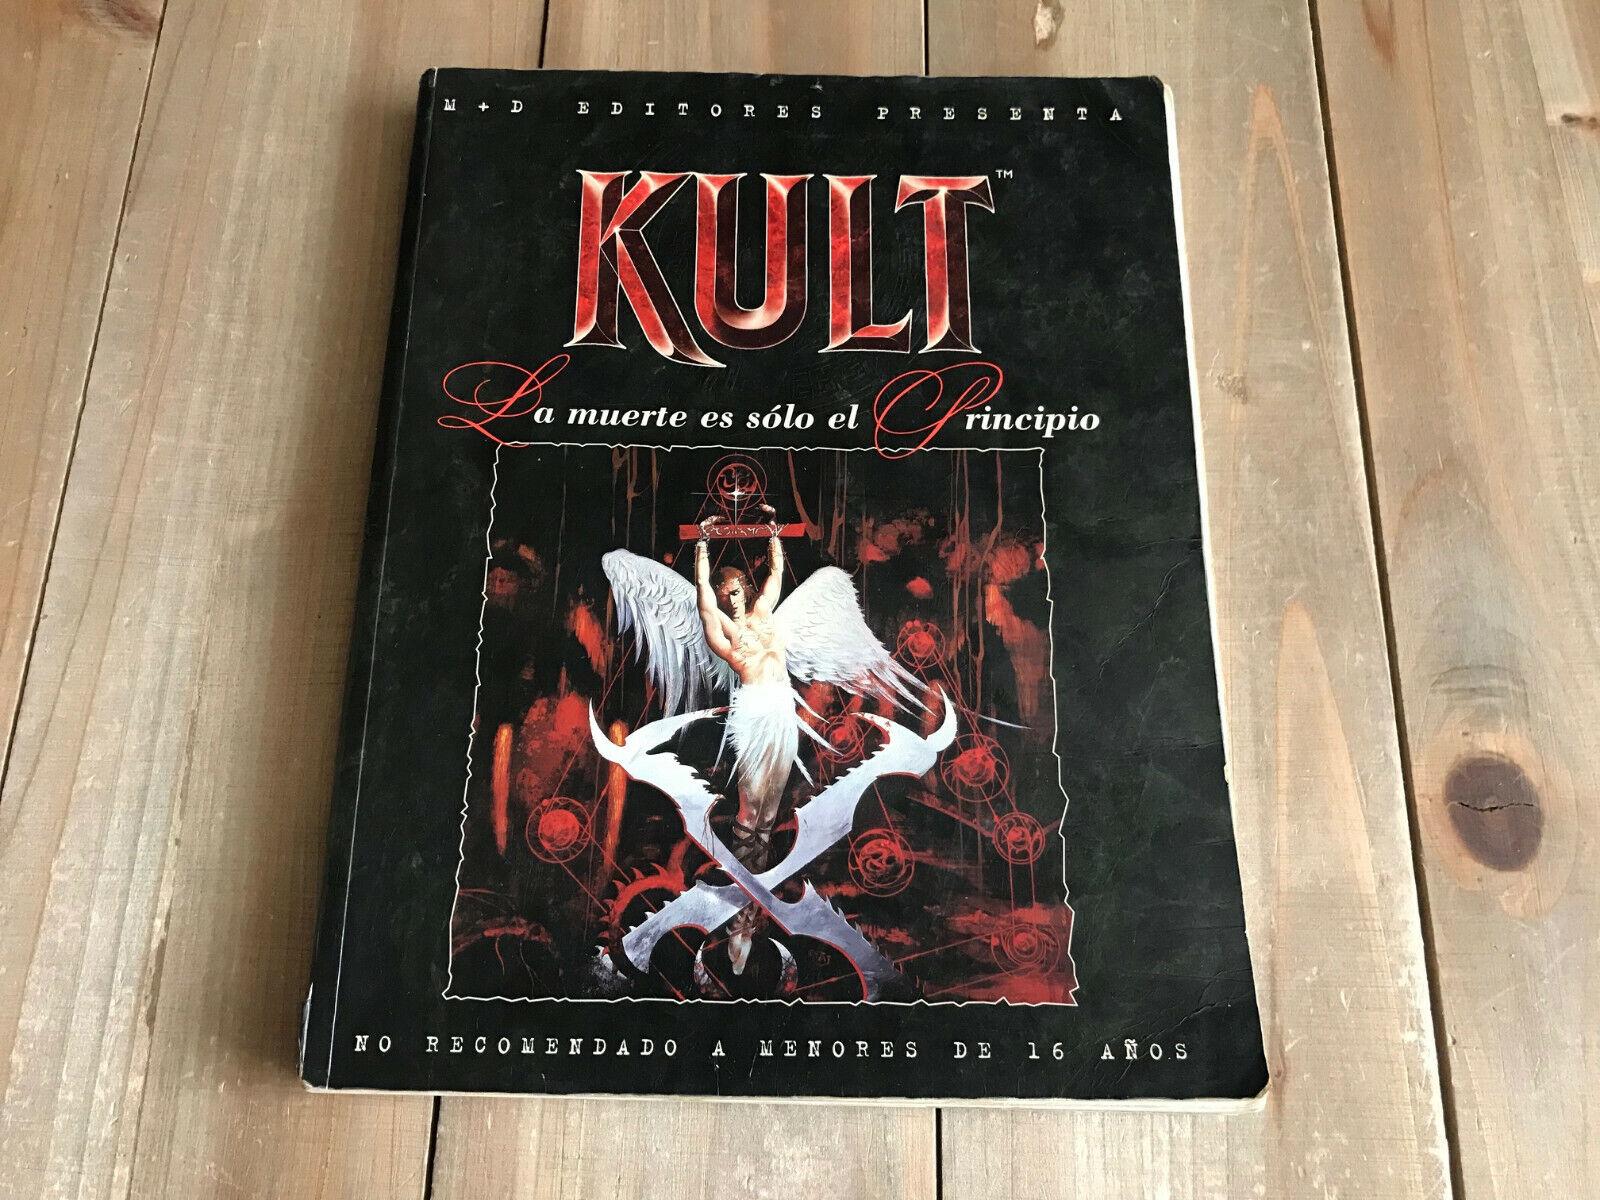 KULT Primera Edición - - - BASICO - juego de rol - M+D Editores 1994 - Ed. Español  Envío y cambio gratis.